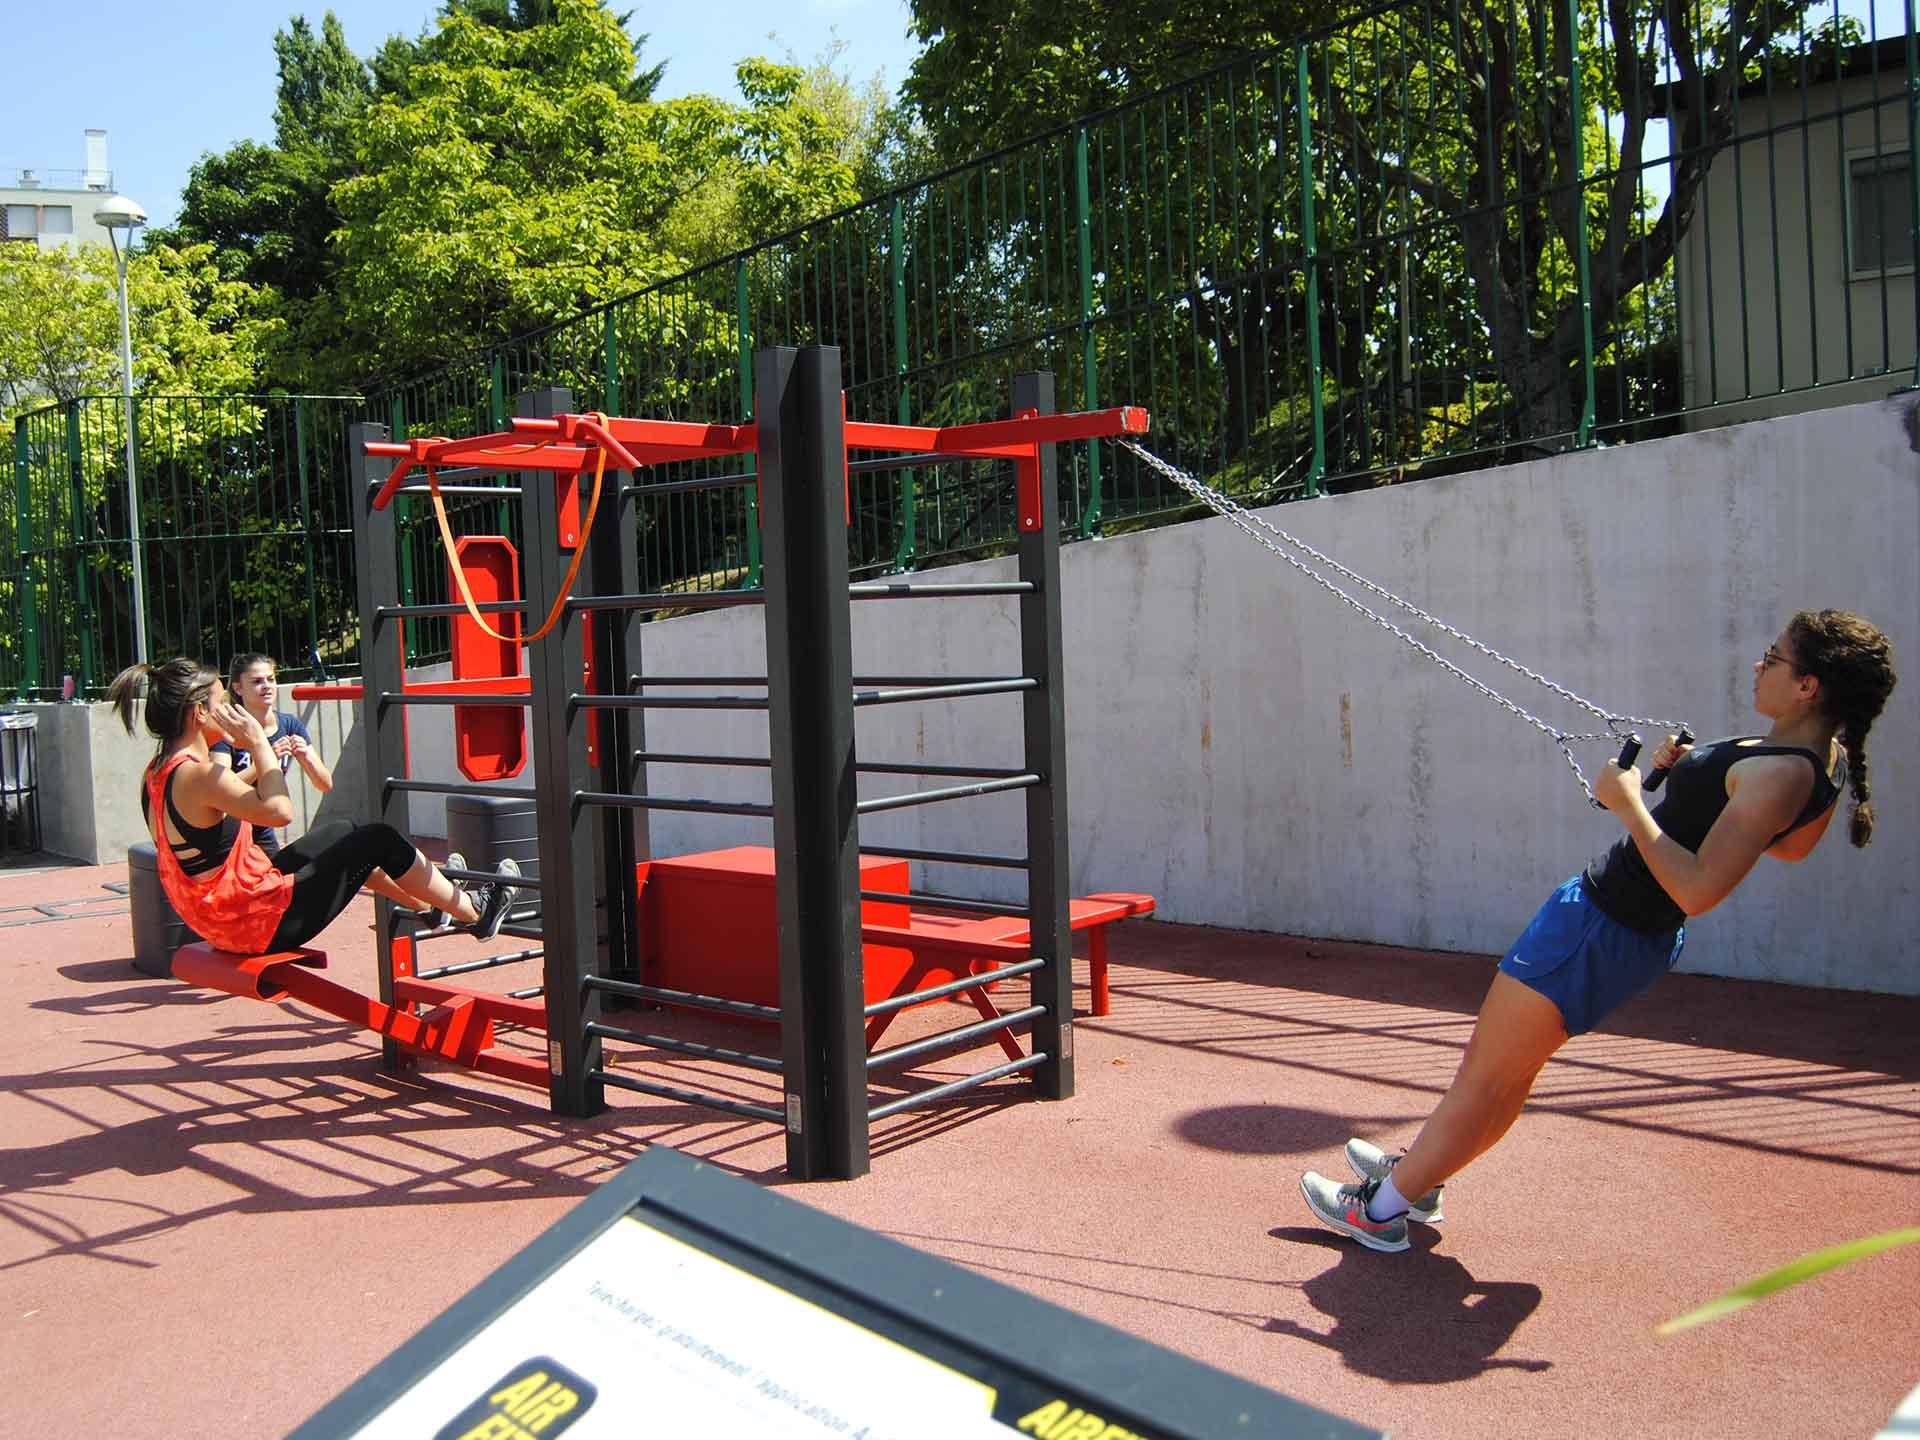 Photo de sportifs utilisant l'aire de fitness du complexe René Leduc à Meudon